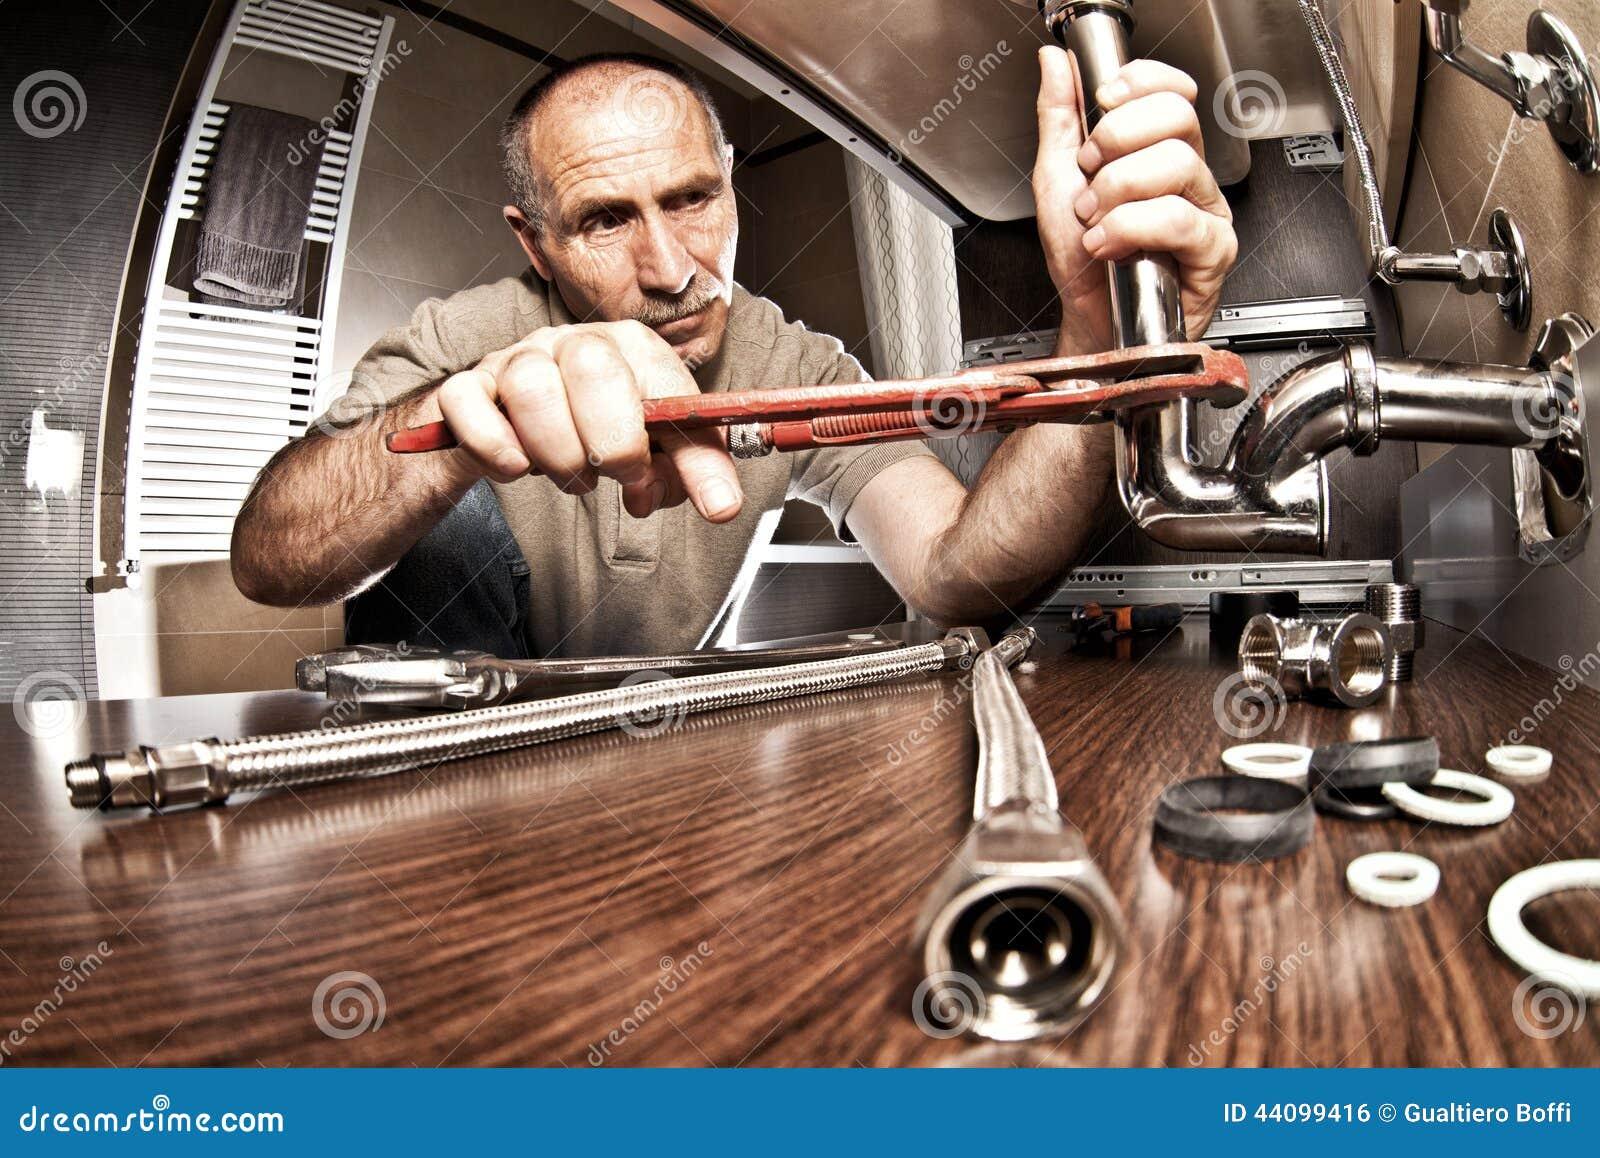 Klempner bei der Arbeit